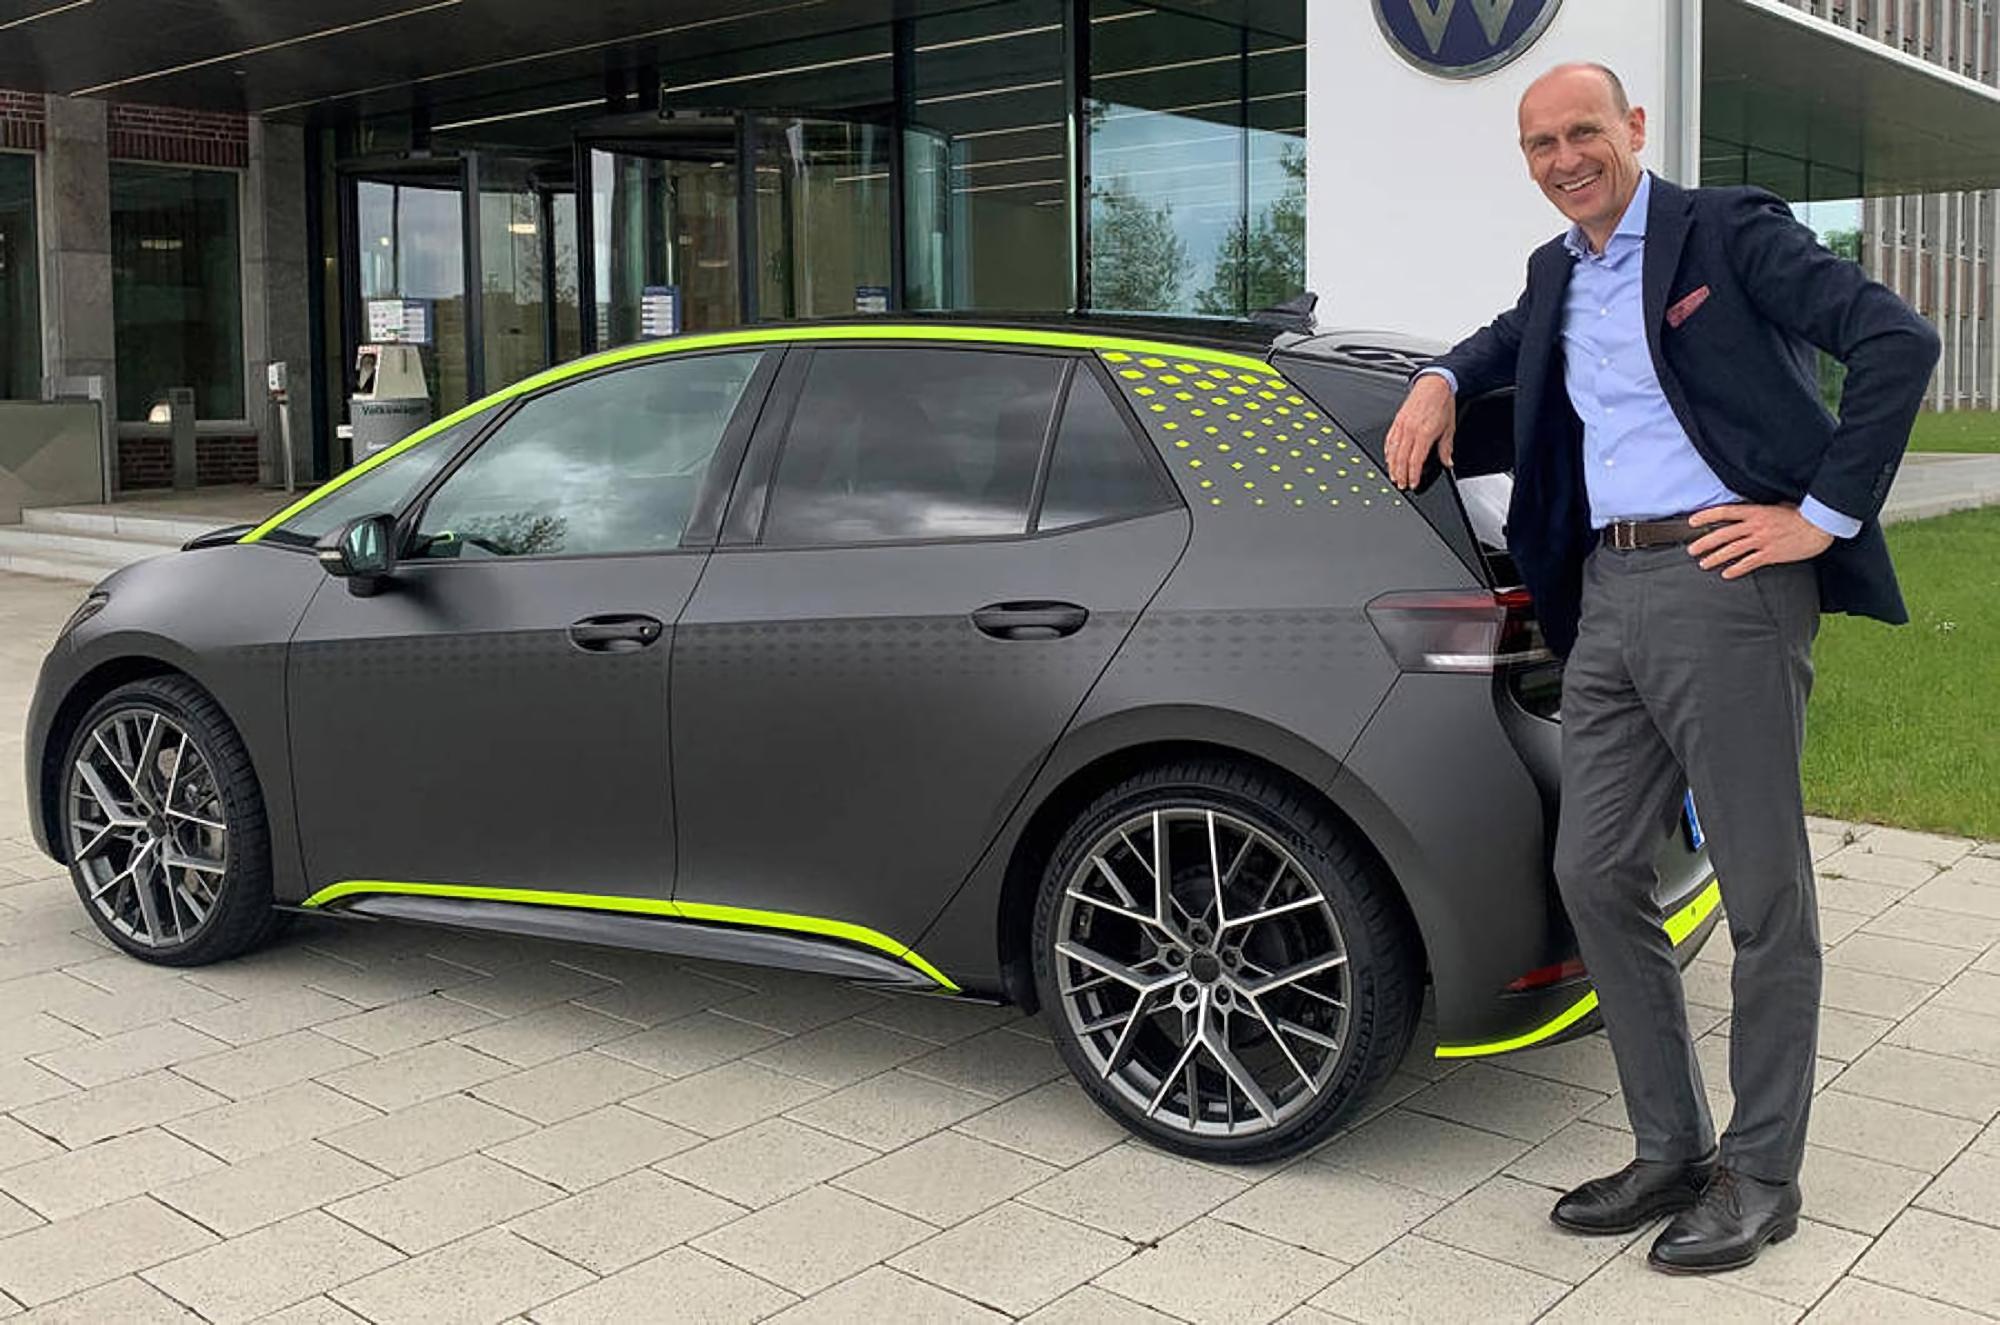 Volkswagen представила ID.X: «заряженная» версия электрокара ID.3 с полным приводом, разгоном до «сотни» за 5.3 сек и режимом для дрифта, как у Golf R